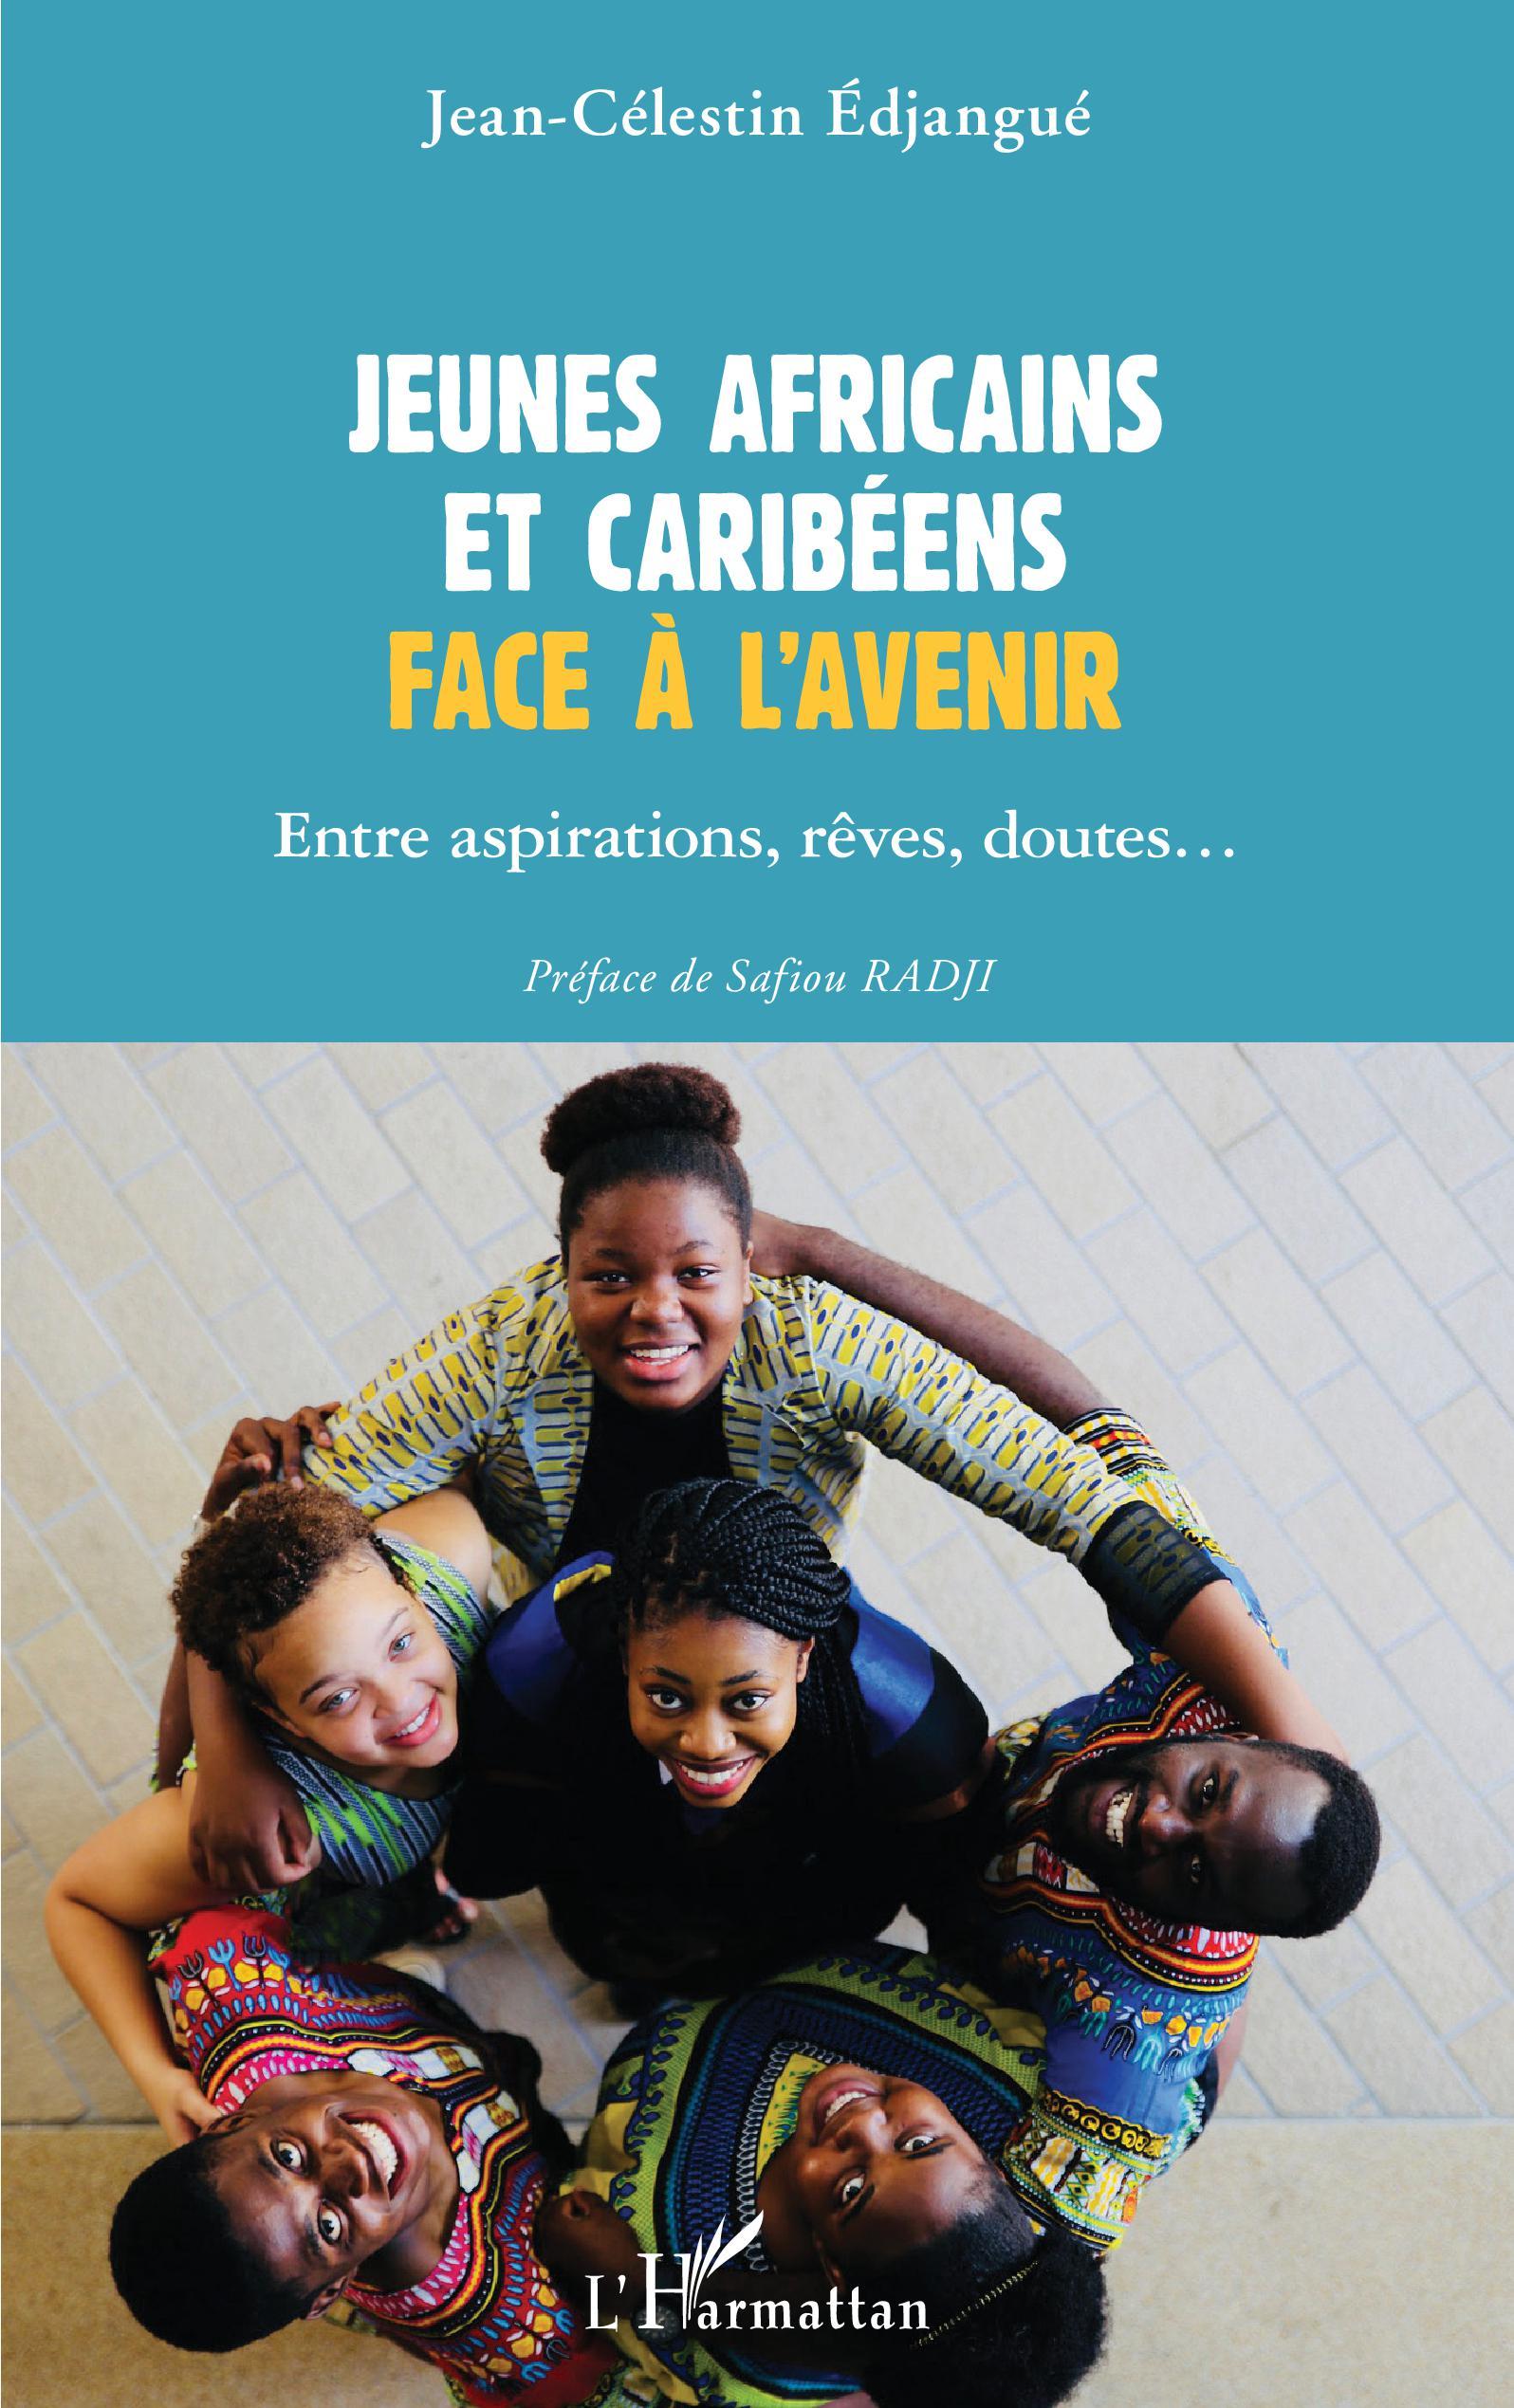 JEUNES AFRICAINS ET CARIBÉENS FACE À L'AVENIR - Entre aspirations, rêves, doutes..., Jean-Célestin Edjangue - livre, ebook, epub